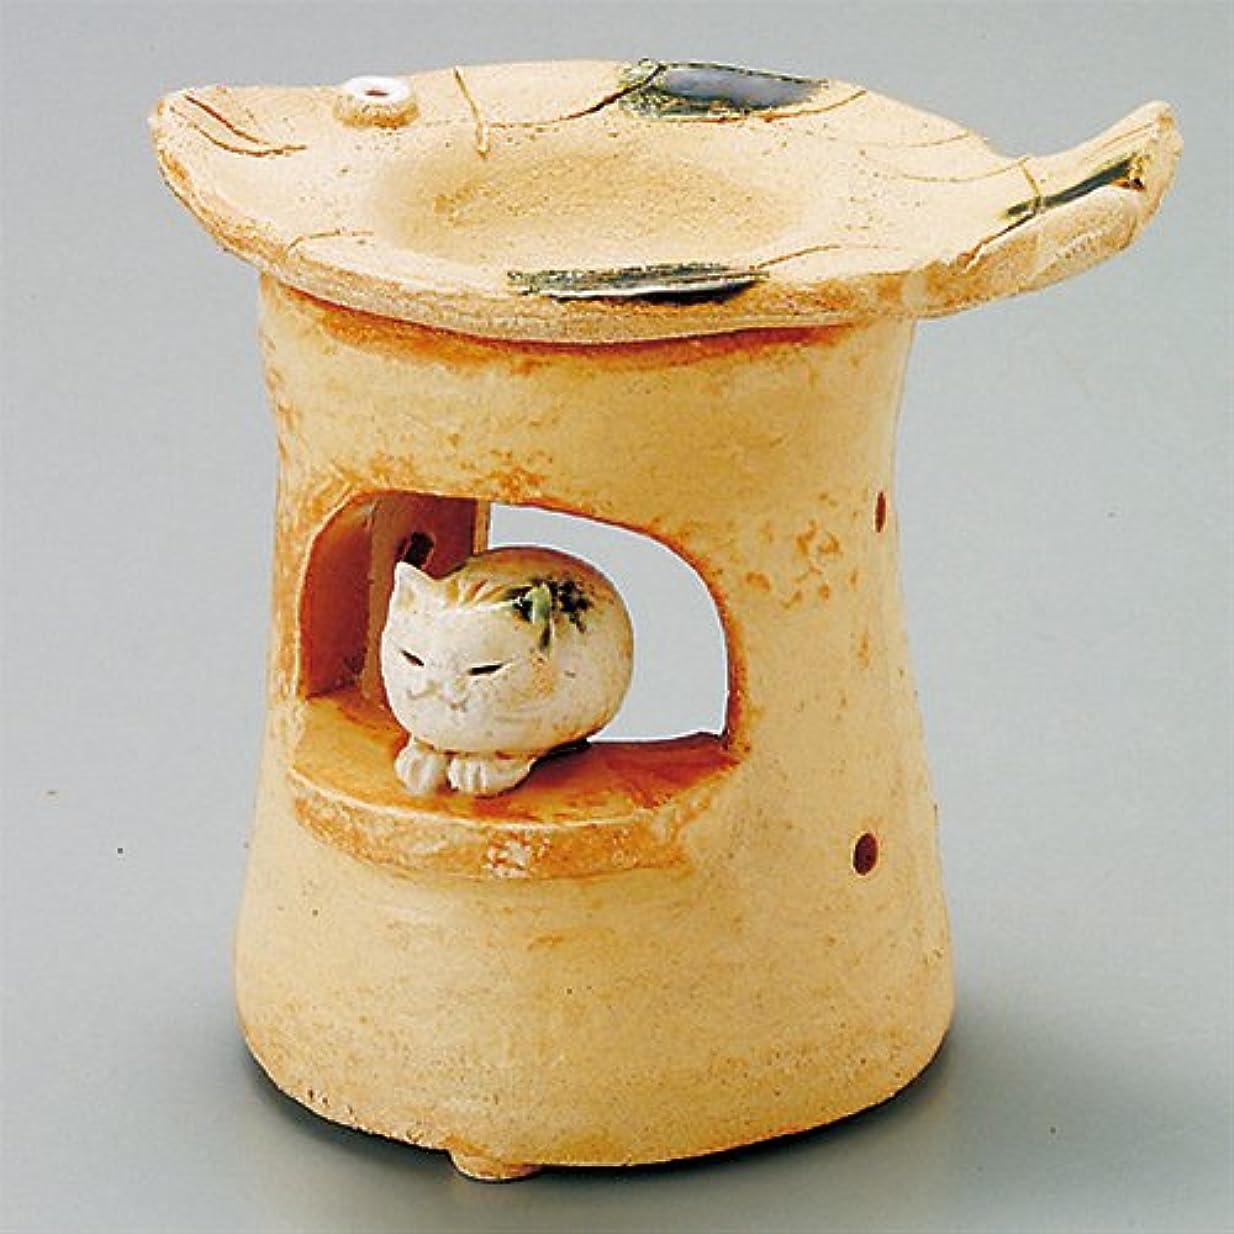 枝トライアスリート安定しました島ねこ 島ねこ 茶香炉 [12x8.5xH11.5cm] HANDMADE プレゼント ギフト 和食器 かわいい インテリア